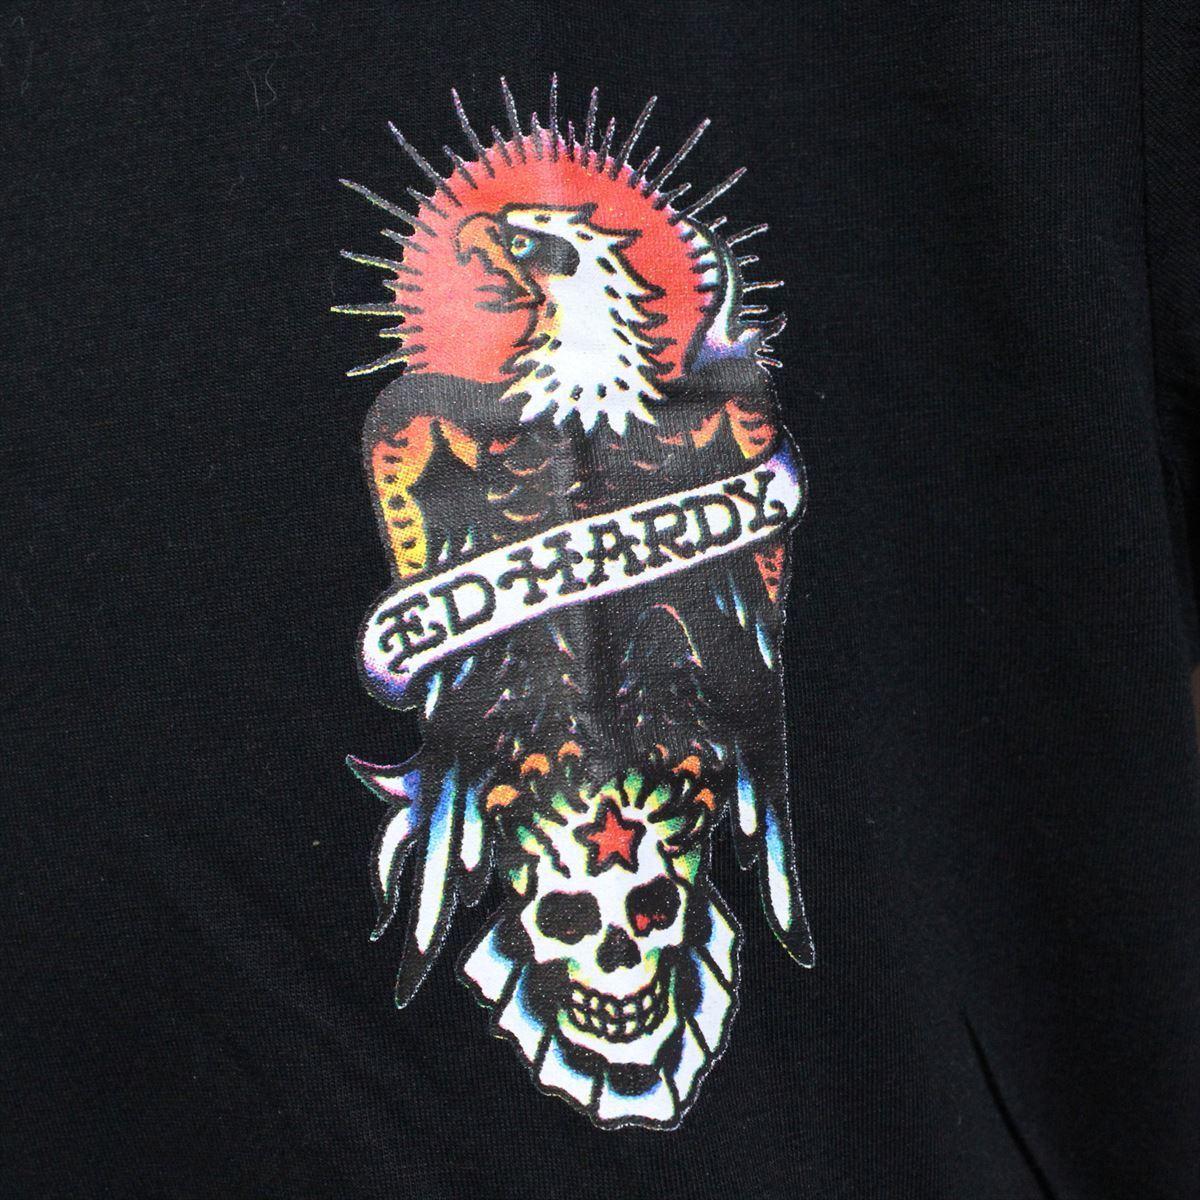 エドハーディー ED HARDY メンズ半袖Tシャツ M02CMV028 ブラック Mサイズ 新品 ドン・エド・ハーディー_画像3